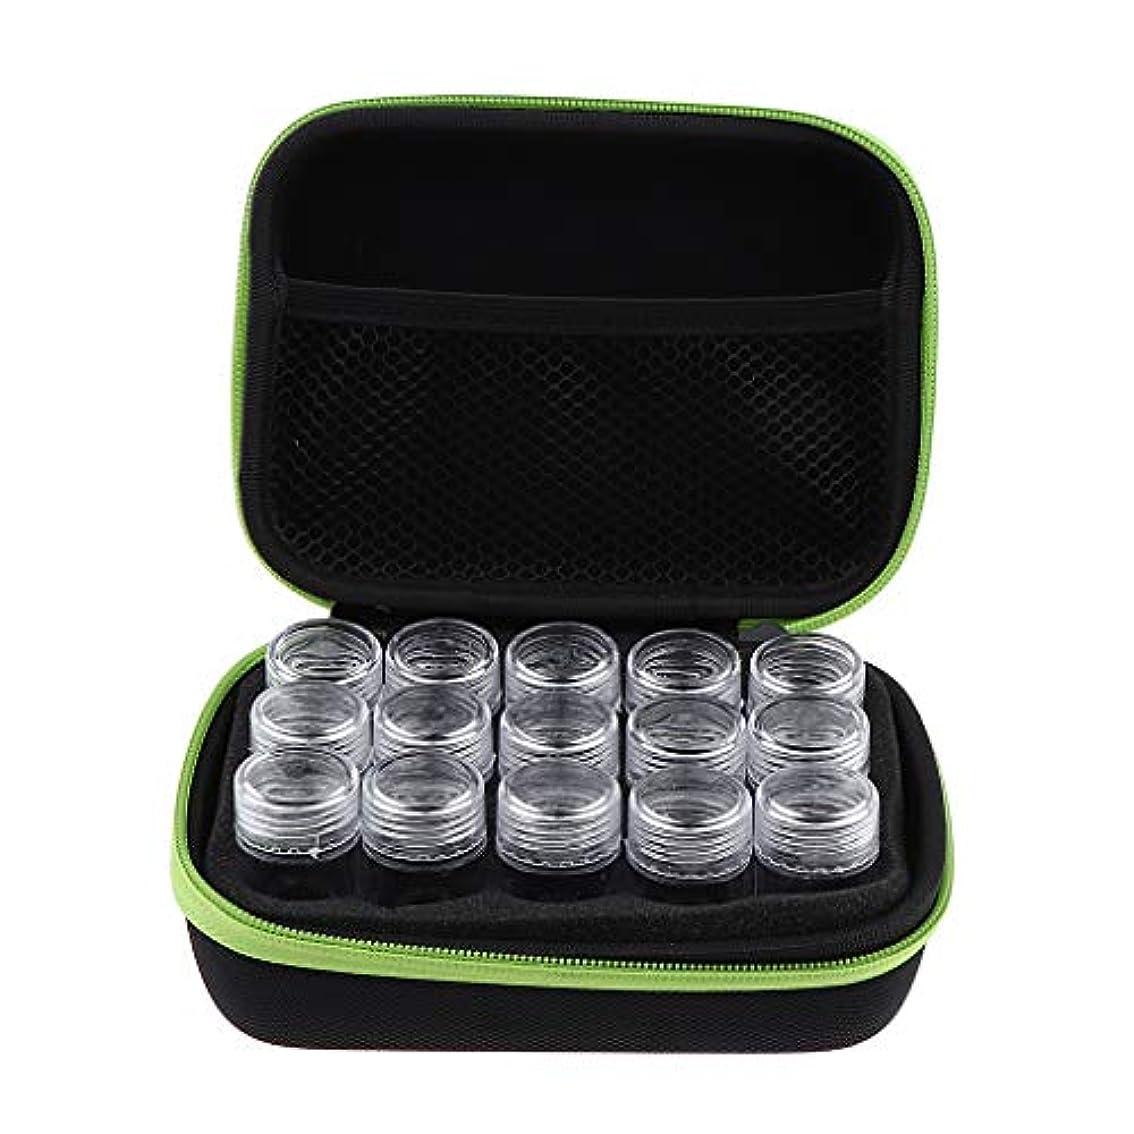 T TOOYFUL アロマポーチ エッセンシャルオイル ケース 携帯用 メイクポーチ 精油ケース 大容量 15本用 - 緑